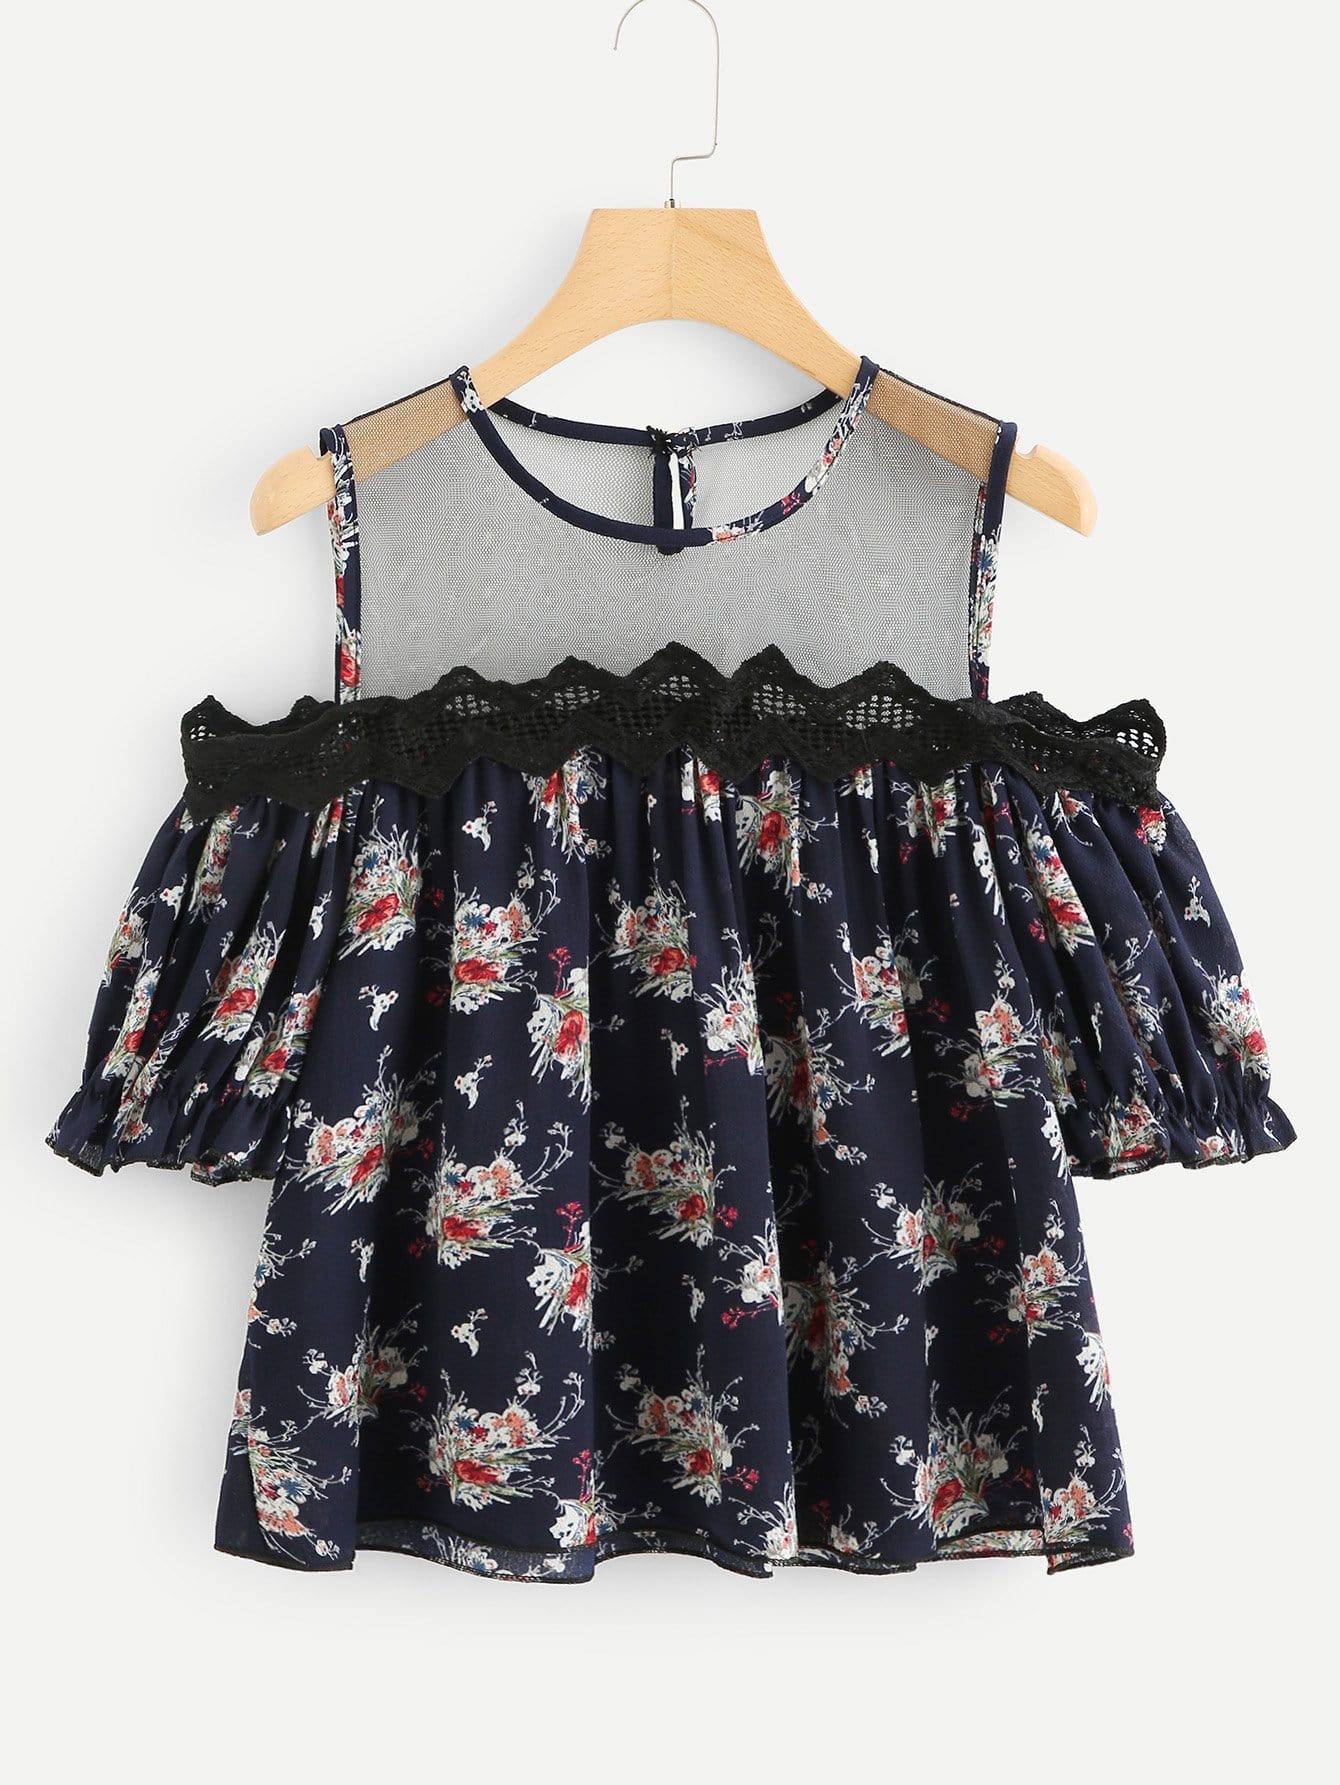 Floral Print Mesh Contrast Off Shoulder Blouse one shoulder floral print blouse